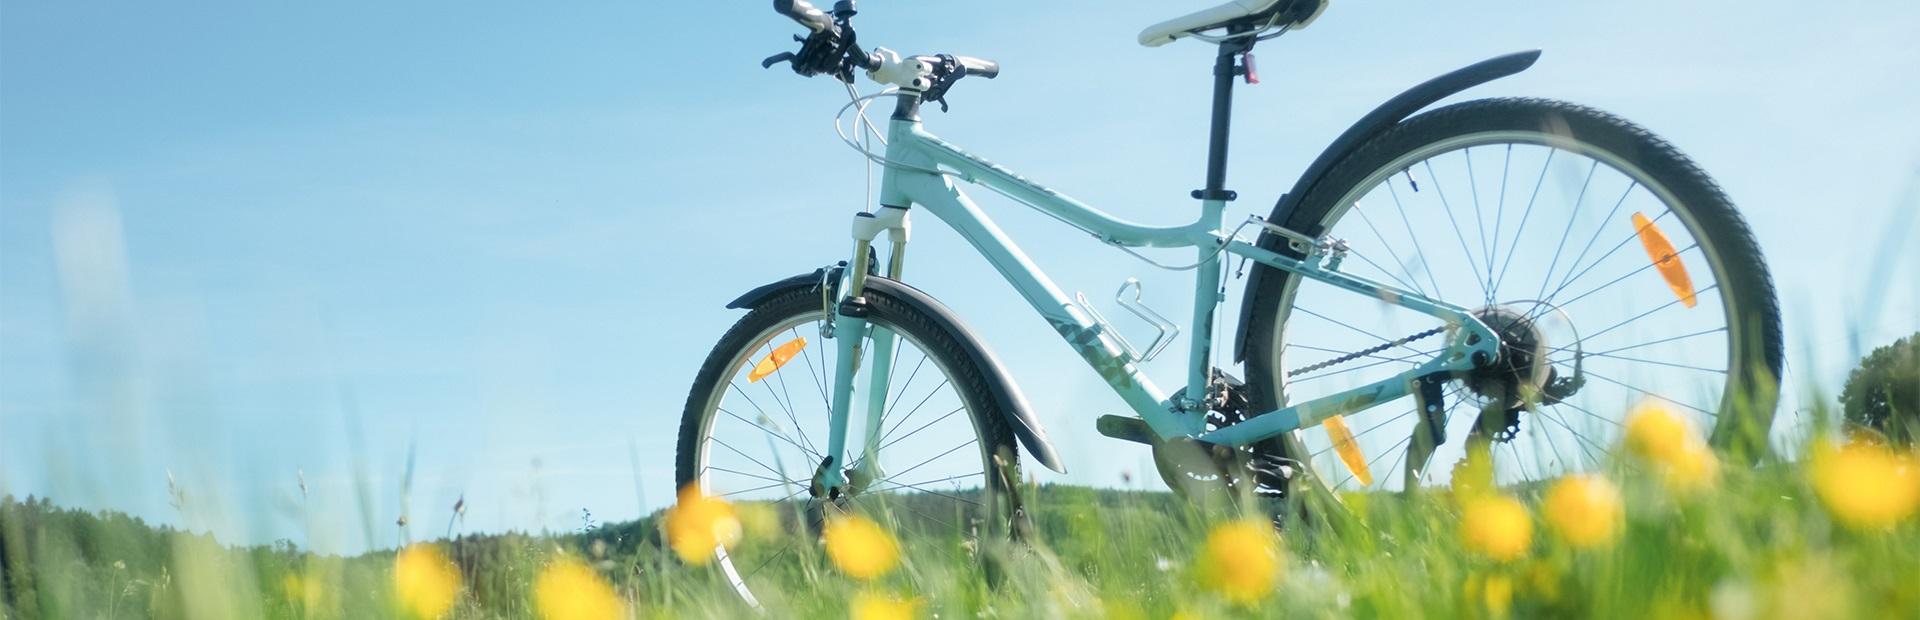 Stojący samotnie rower wycieczkowy na mazurskiej łące  wśród żółtych kwiatów.